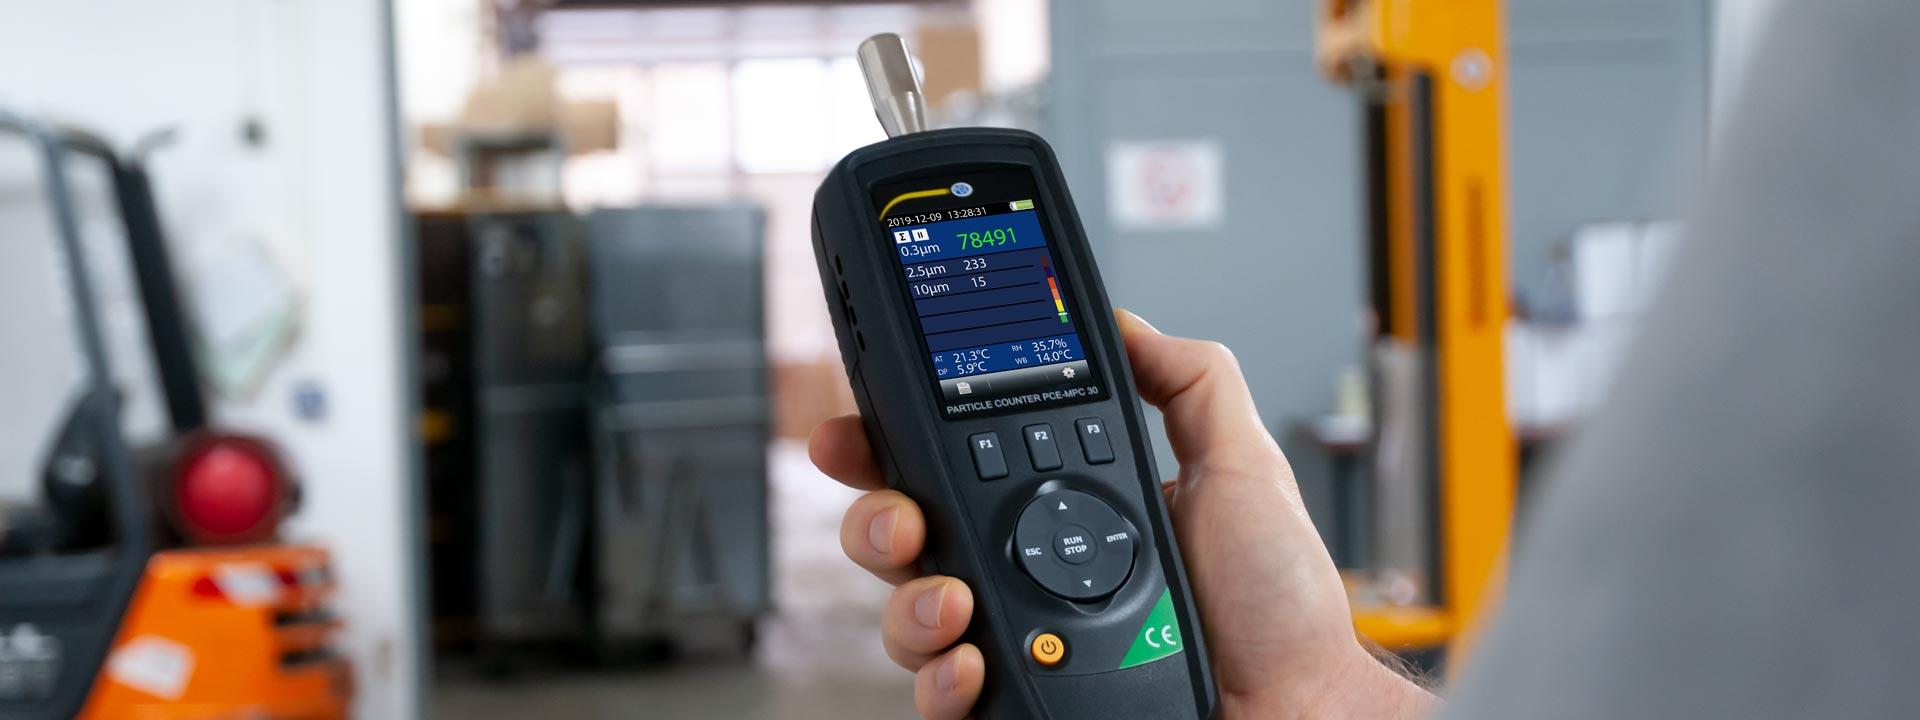 PCE Instruments Luchtkwaliteitsmeter.